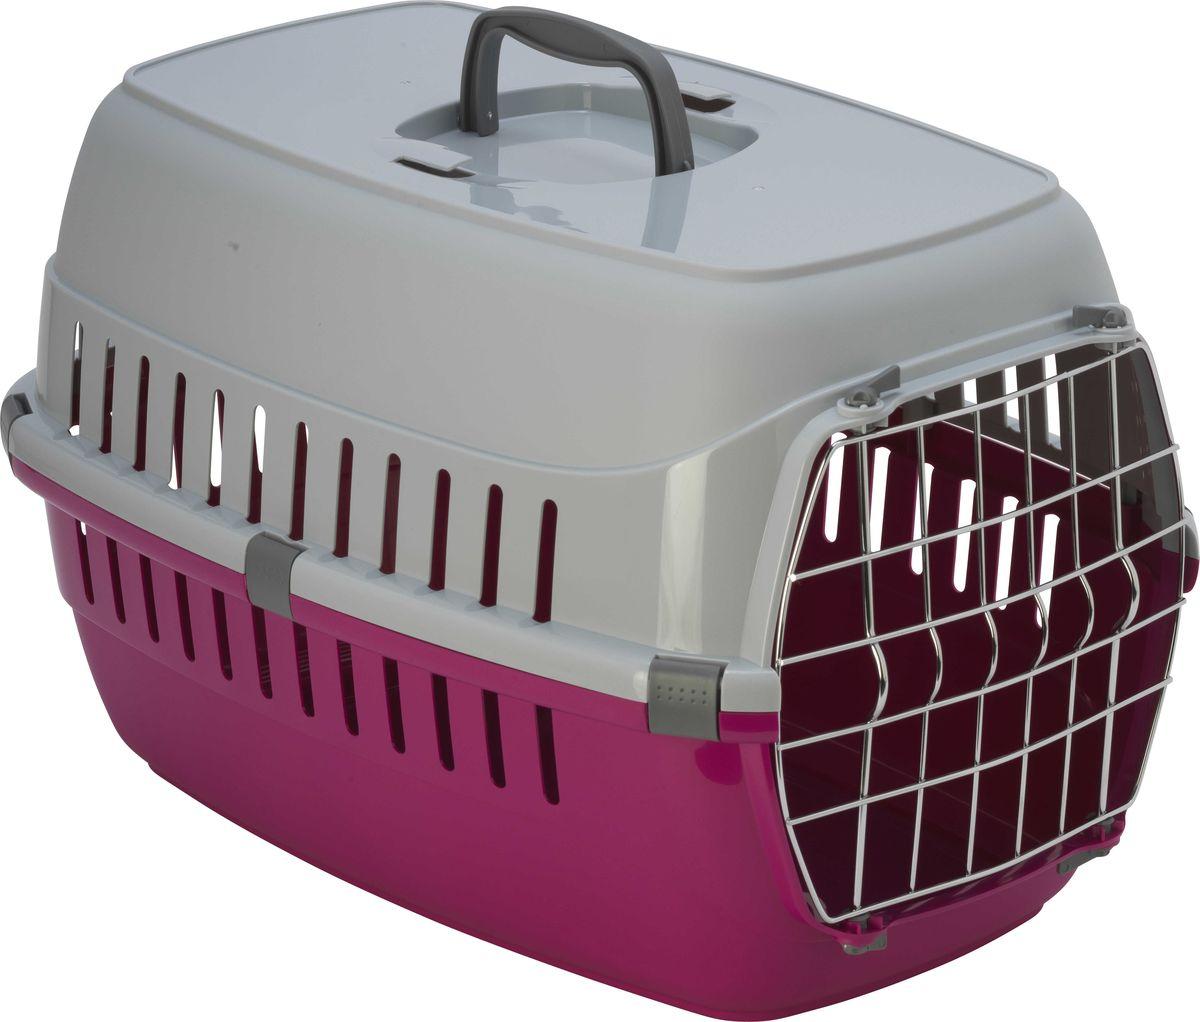 Переноска для животных Moderna  Roadrunner 2 , с металлической дверью, цвет: ярко-розовый, 58 x 35 x 37 см - Переноски, товары для транспортировки